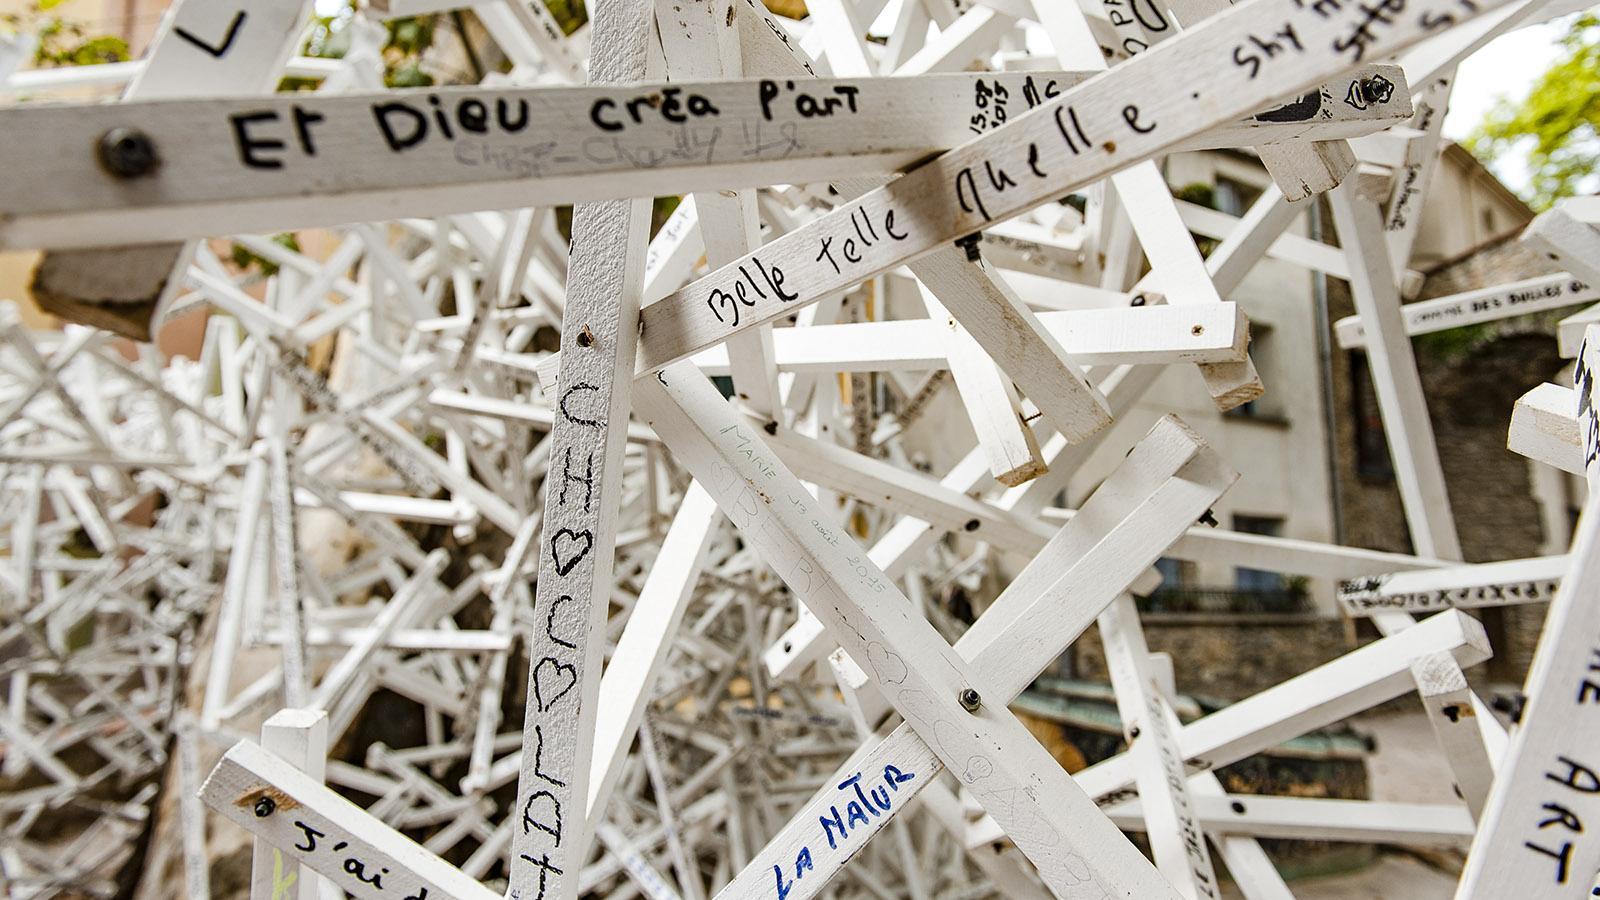 Céret: die Plastik der Worte und Wünsche. Foto: Hilke Maunder